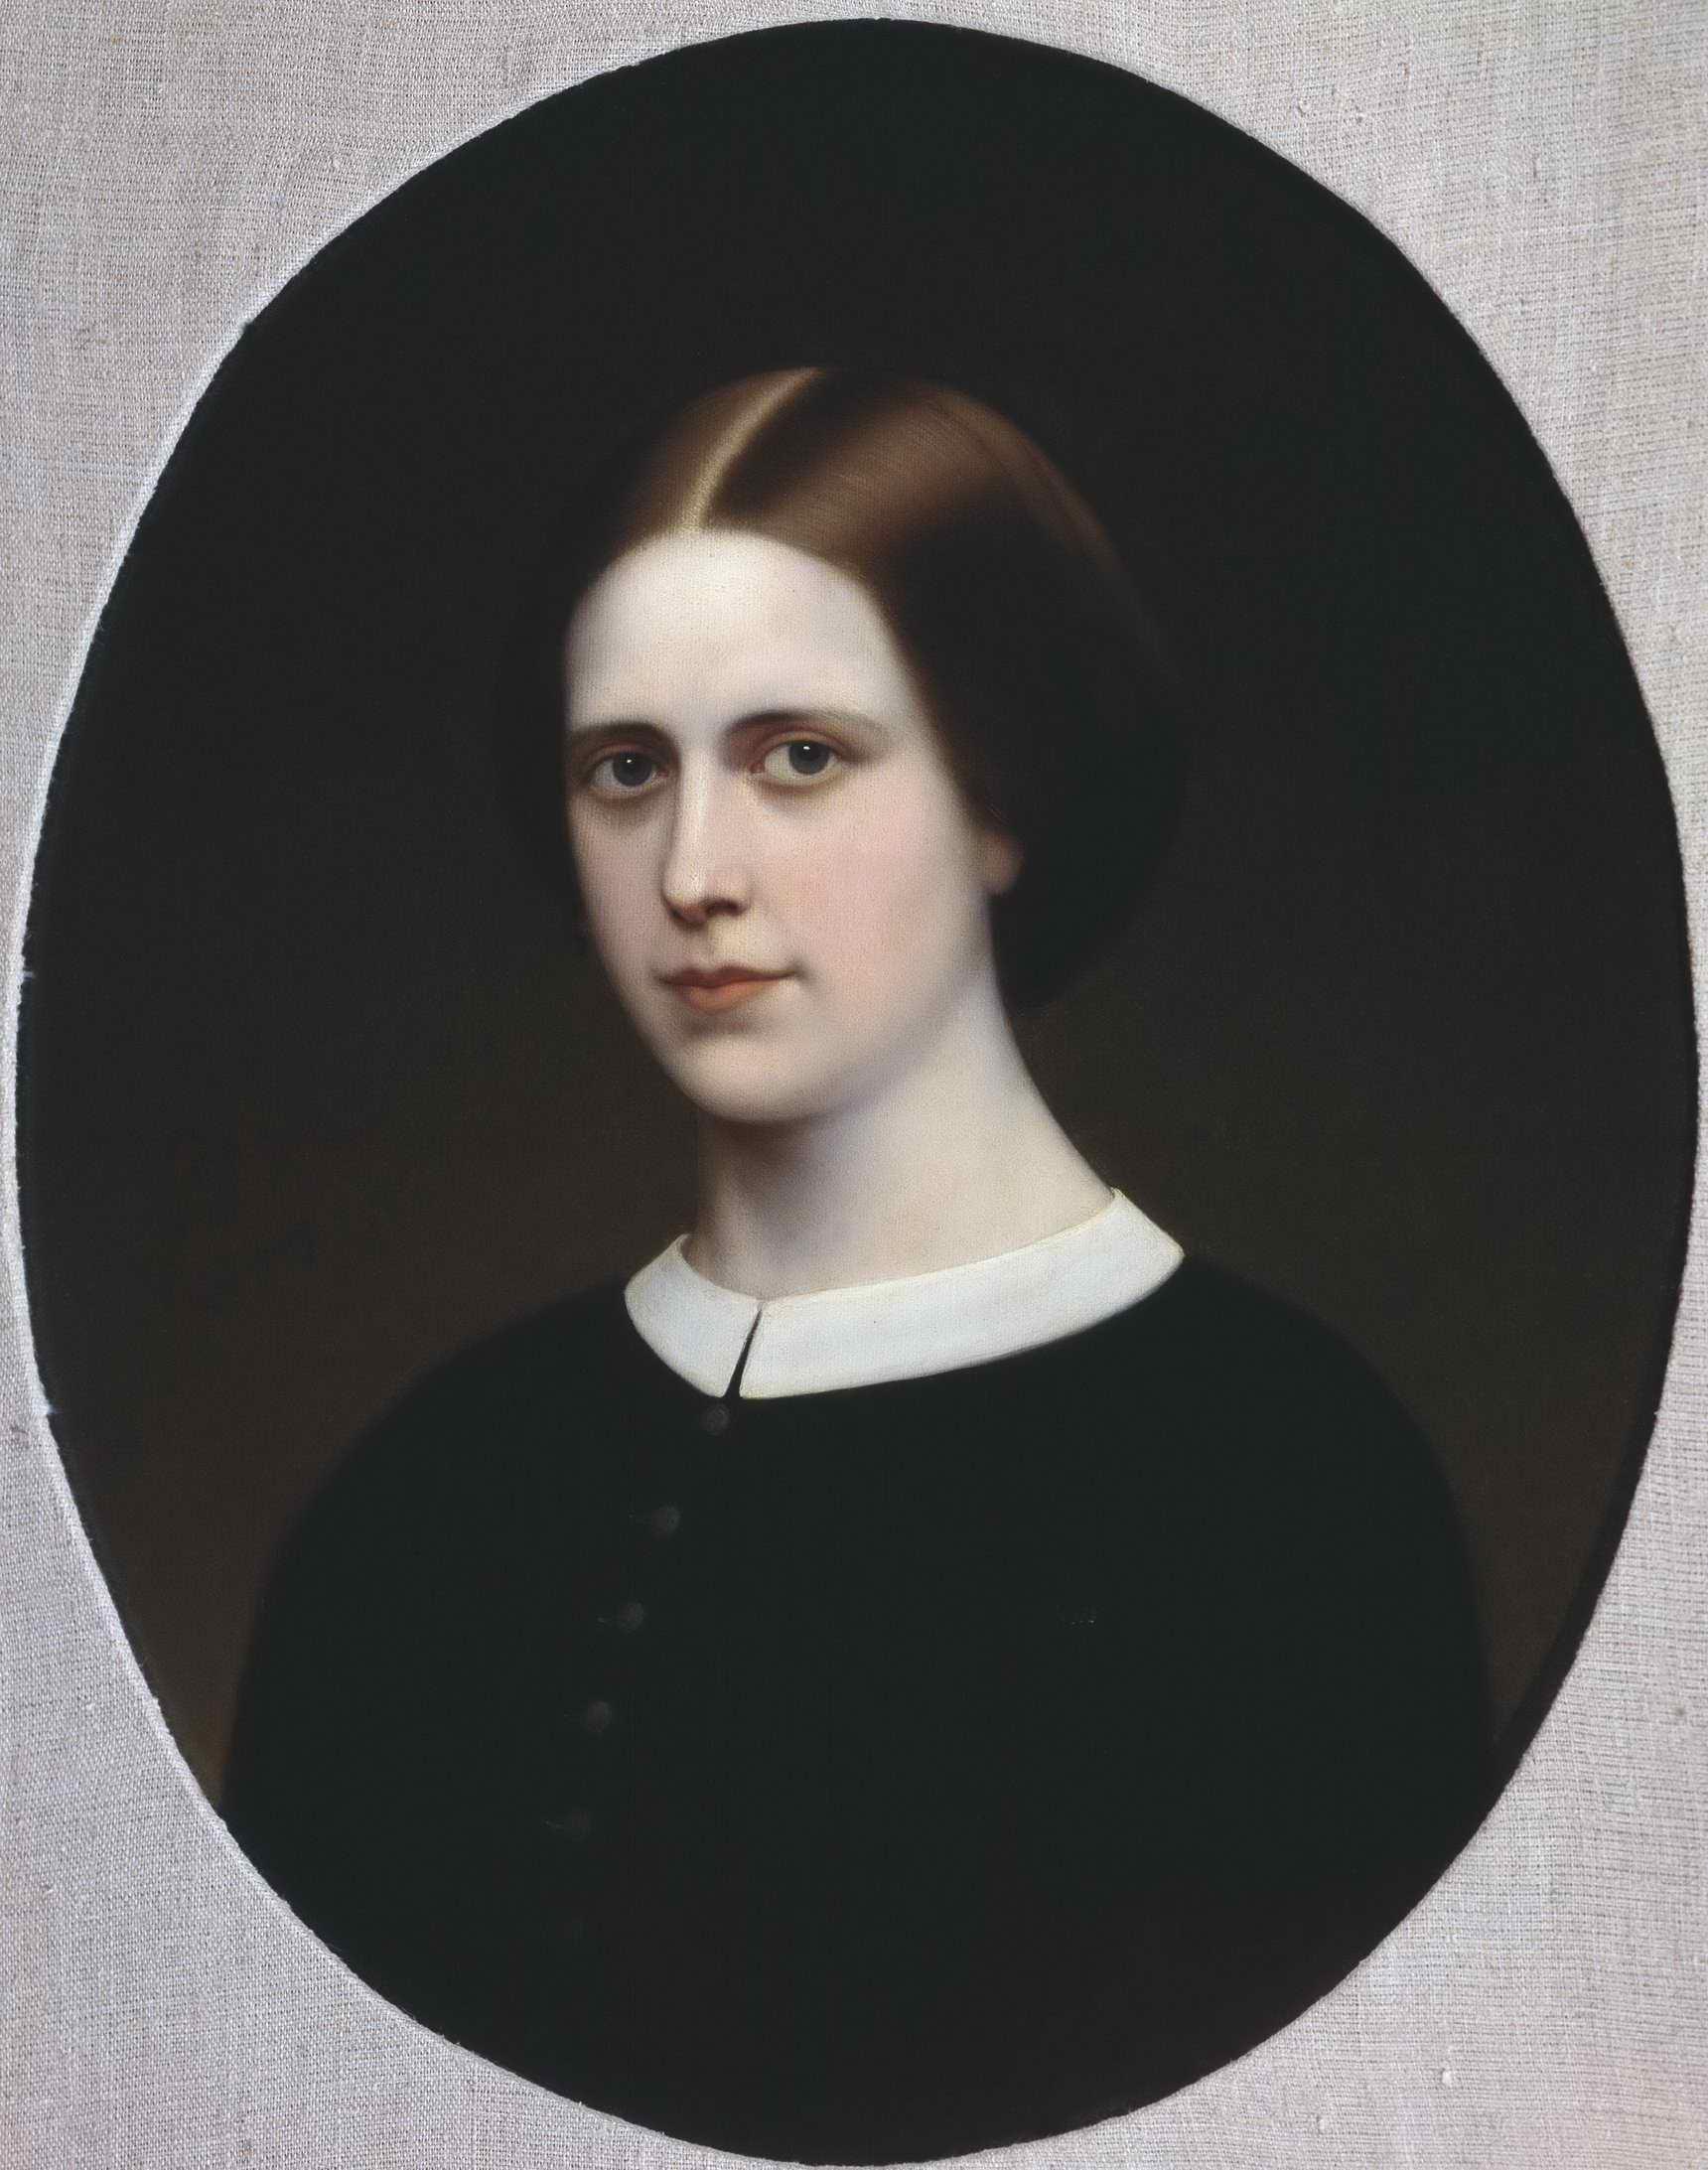 Неизвестный художник (Макаров И.К. ?) - Портрет женский